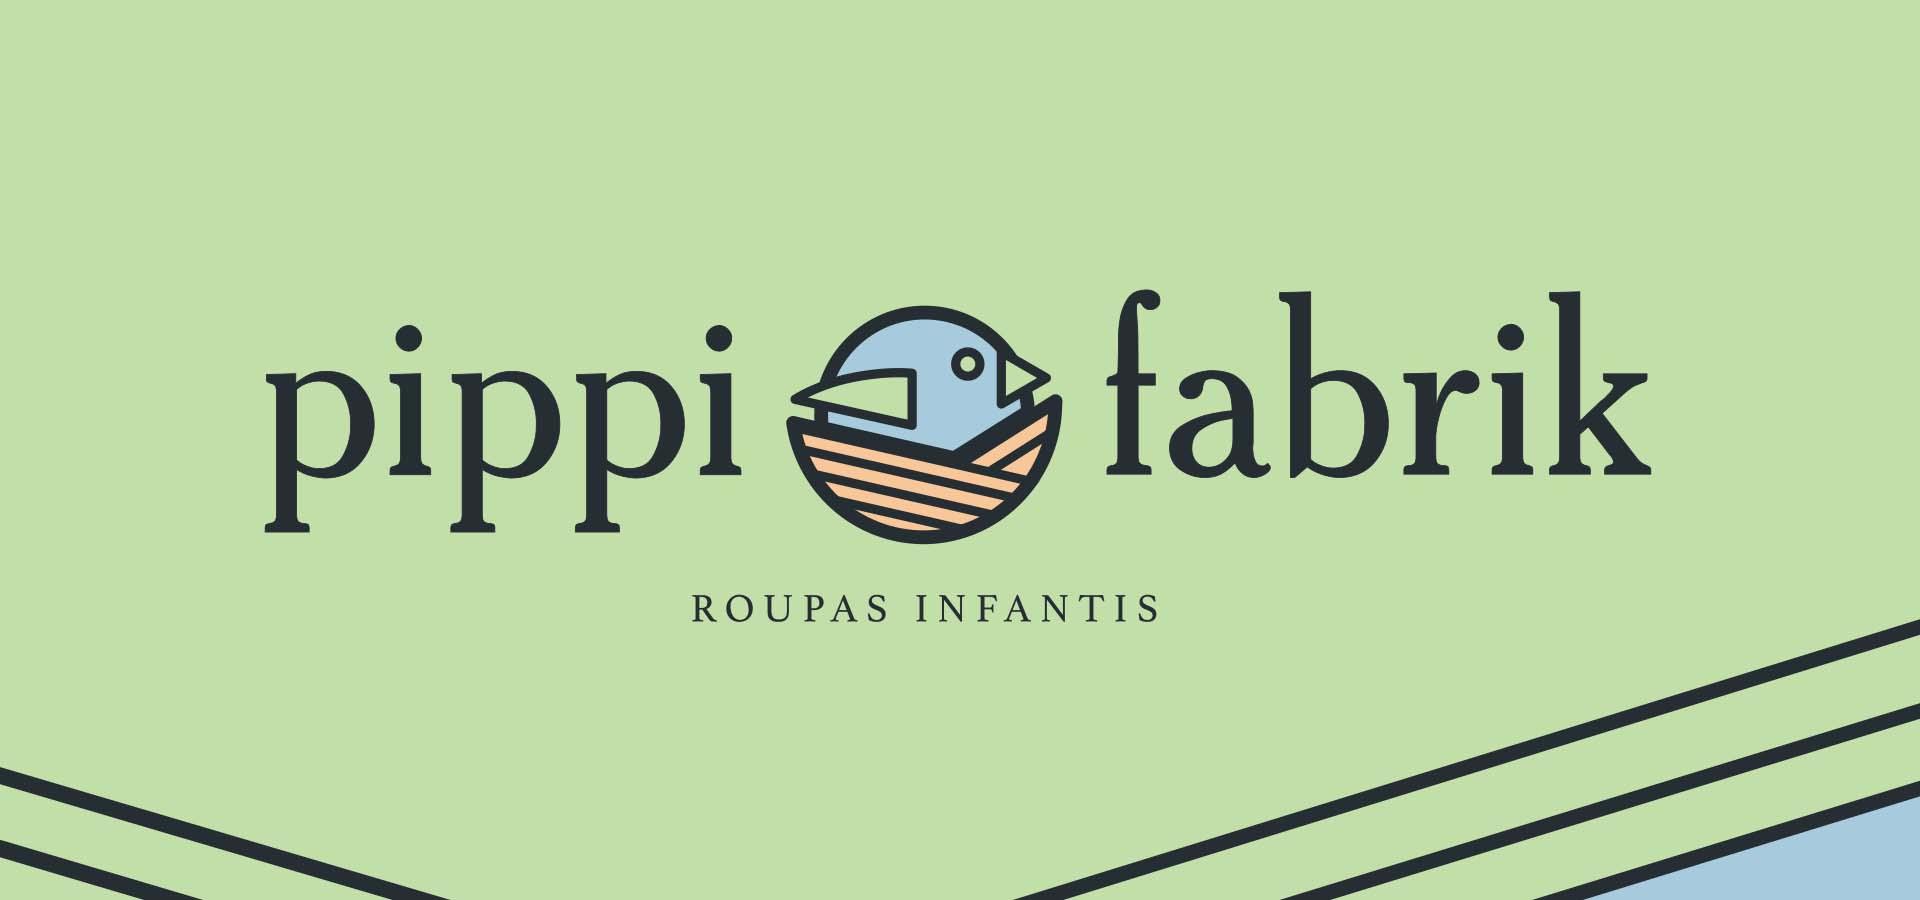 PippI Fabrik Design 1516